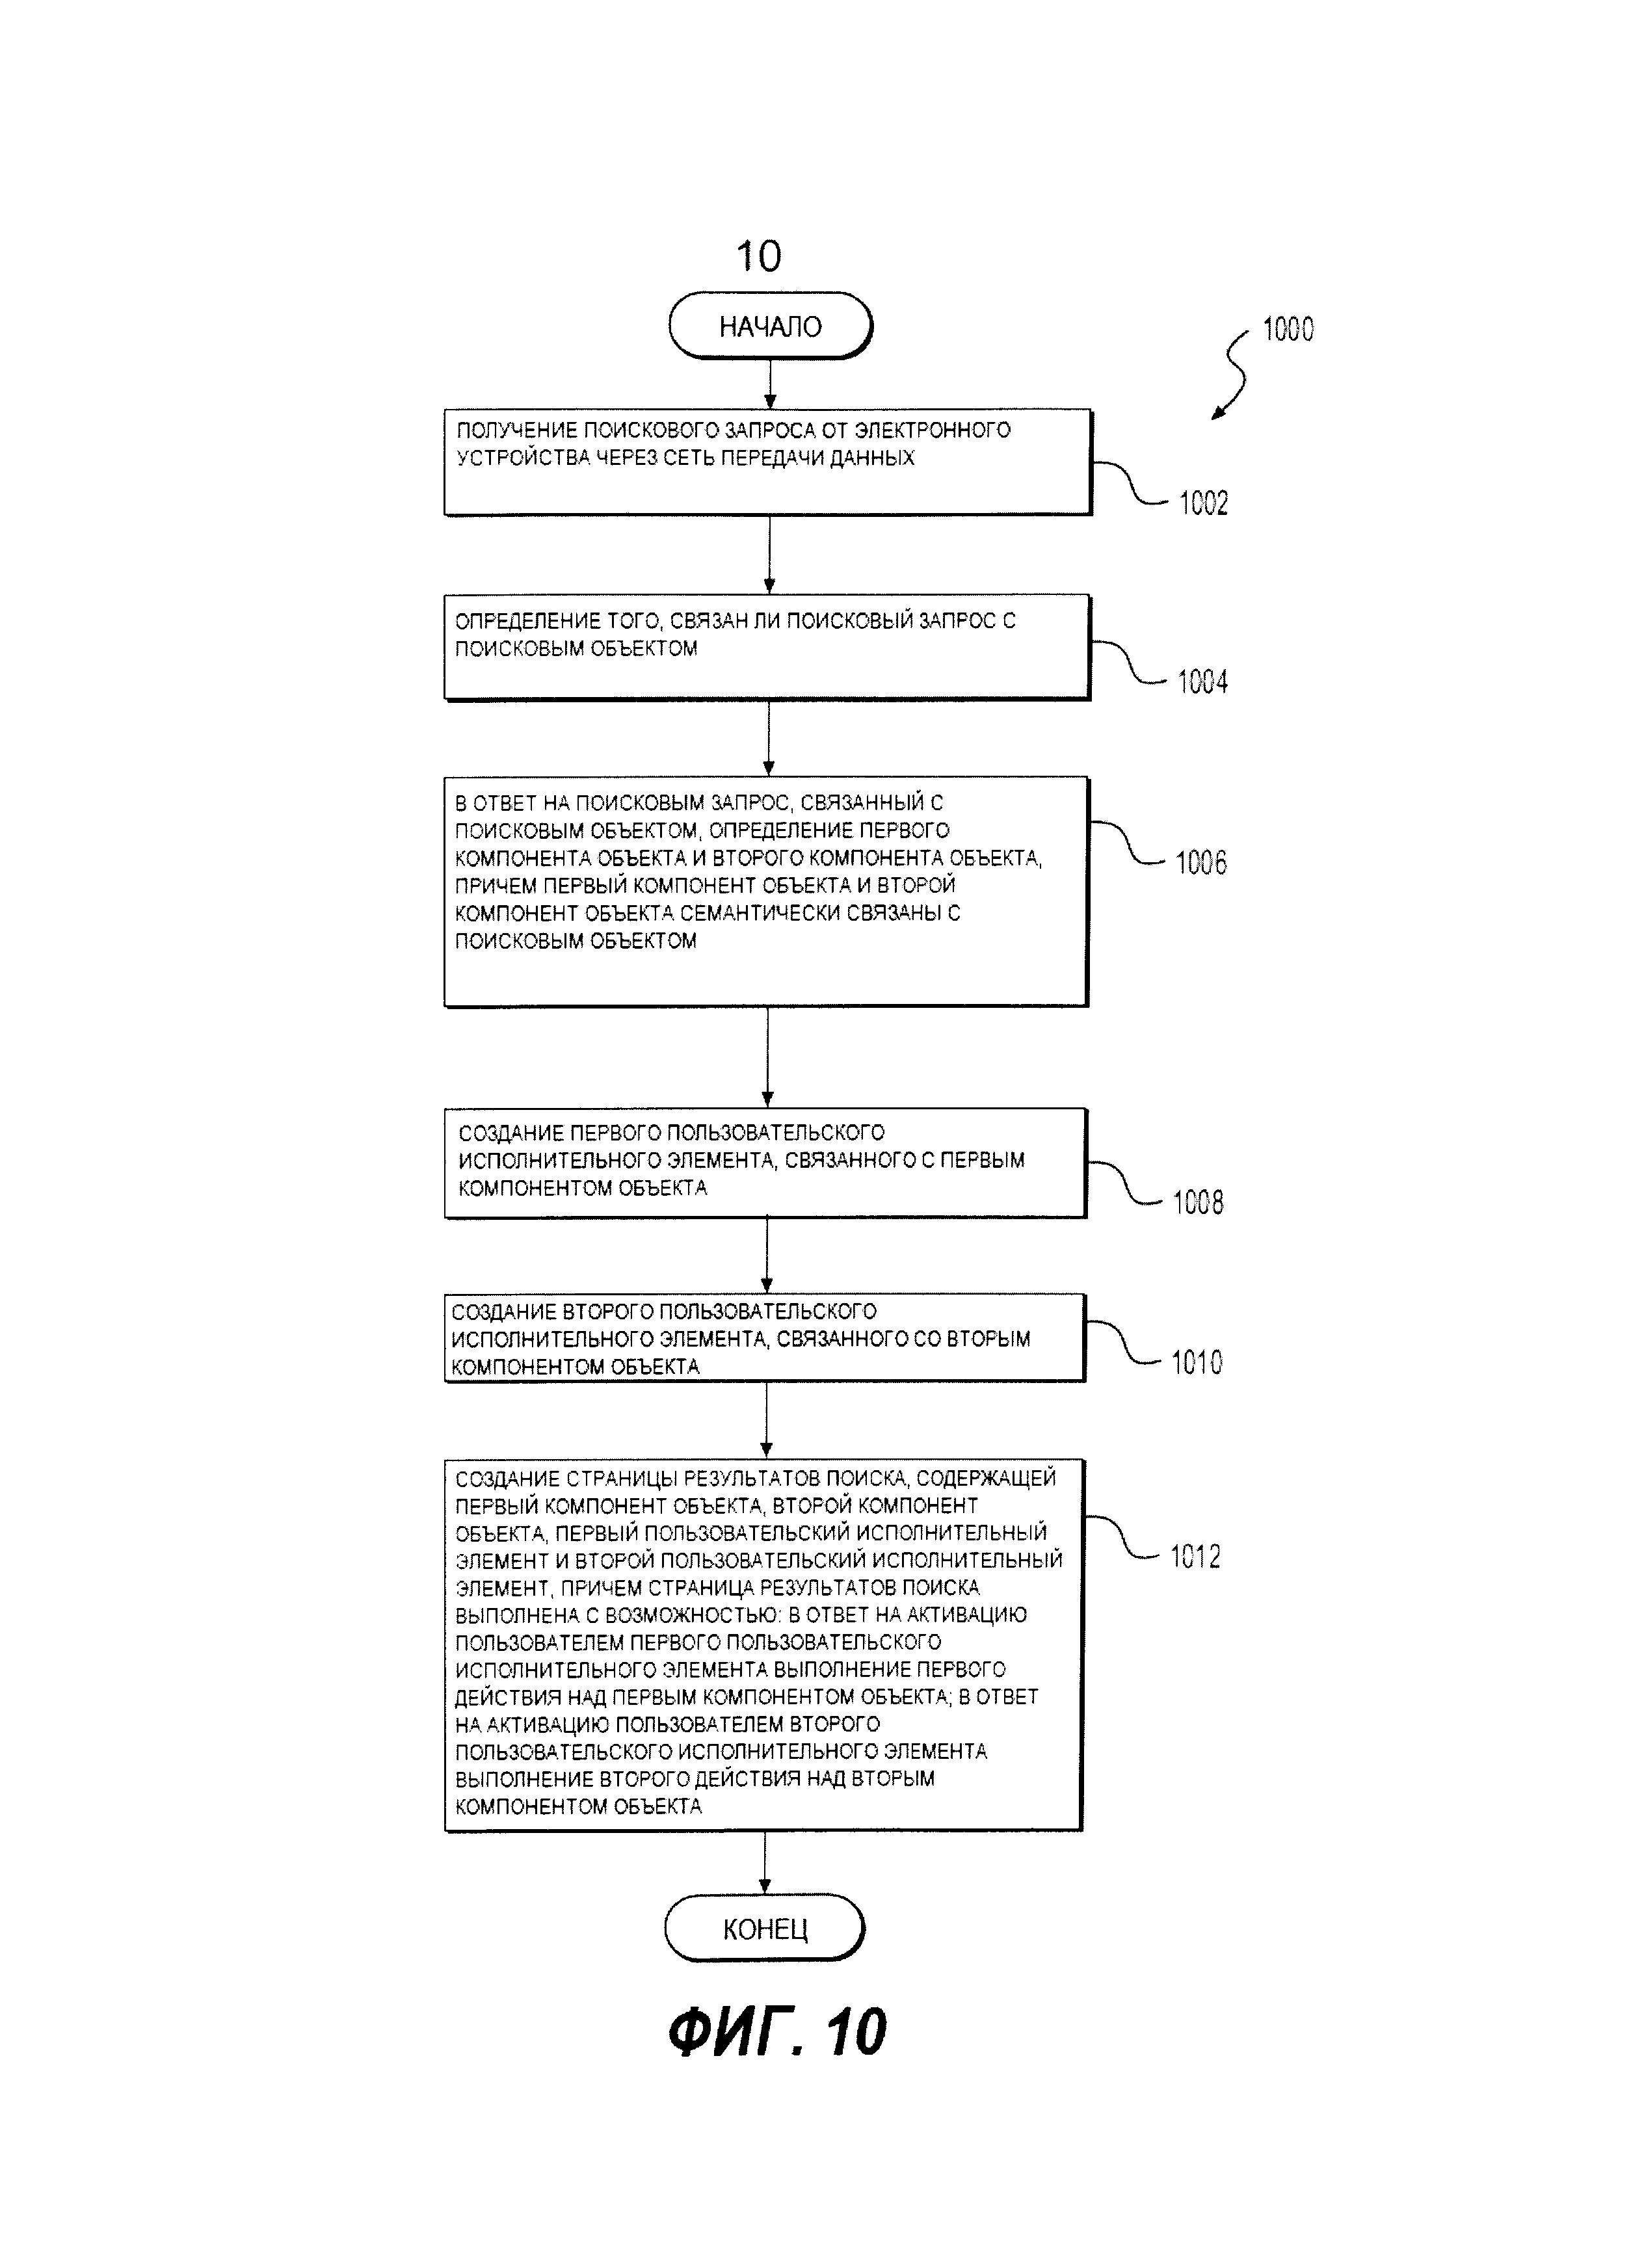 Способ обработки поискового запроса и сервер